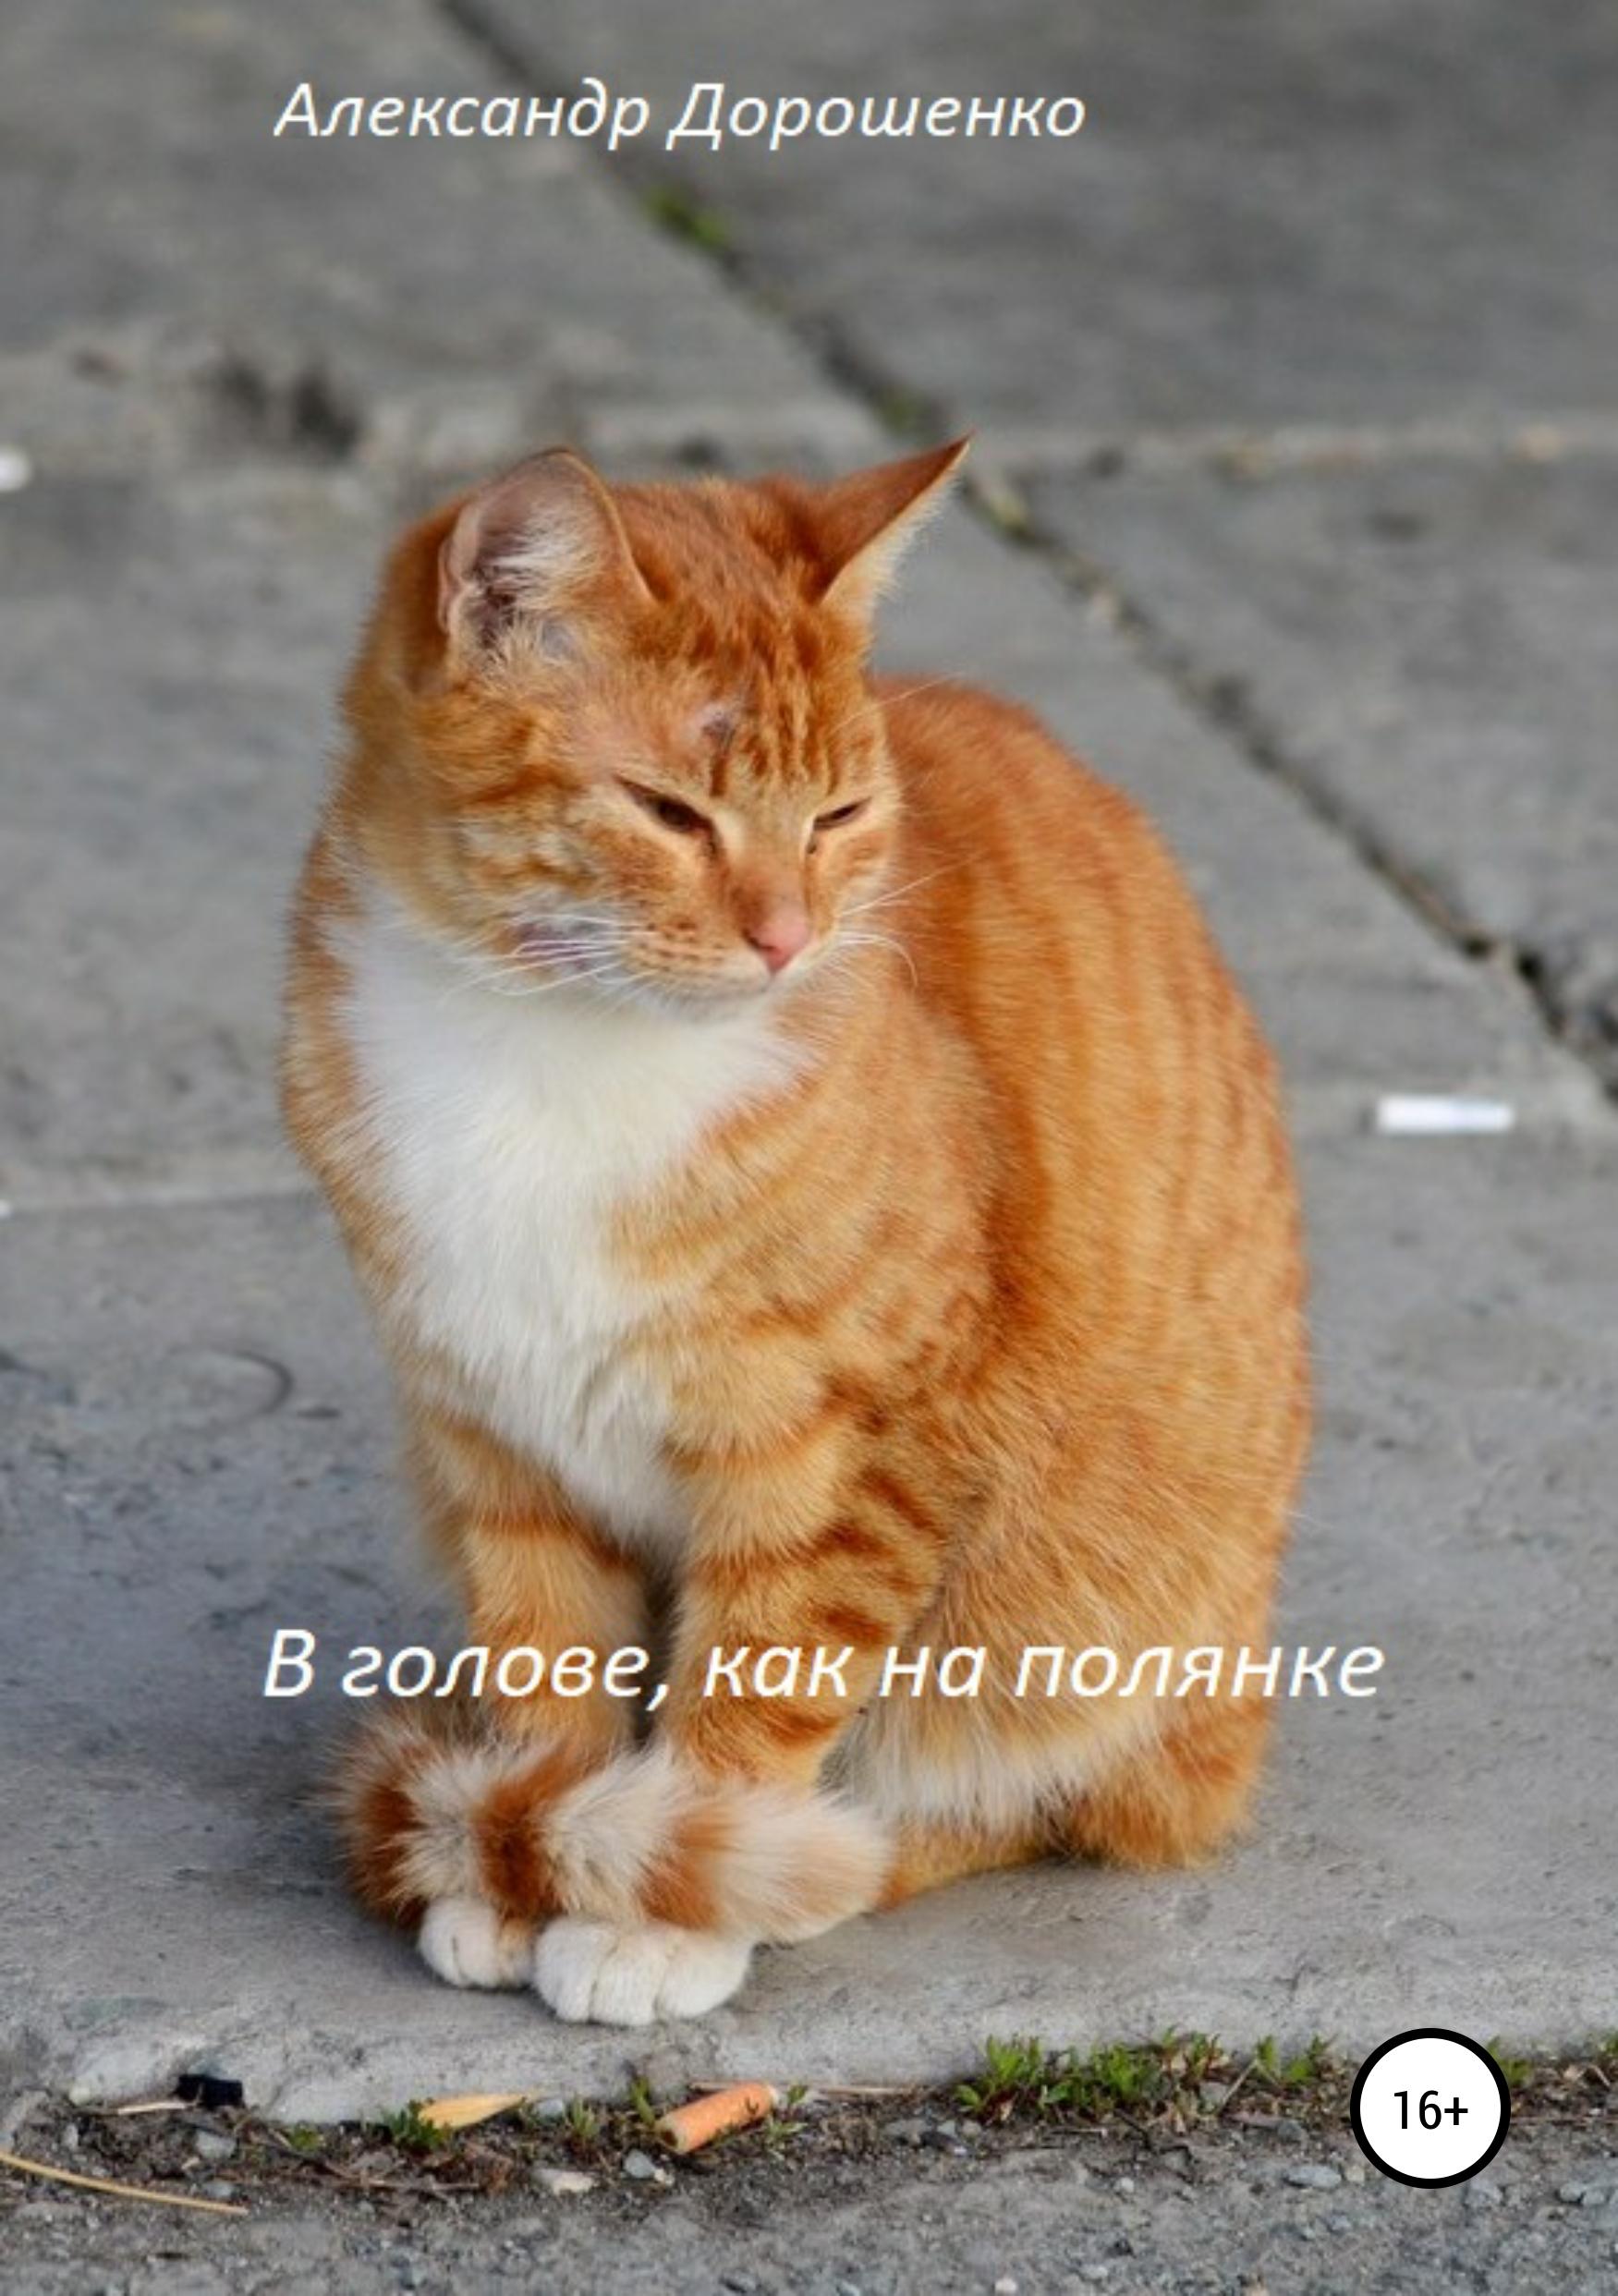 Александр Дмитриевич Дорошенко В голове, как на полянке александр александрович комар размышления онастоящем взгляд вбудущее